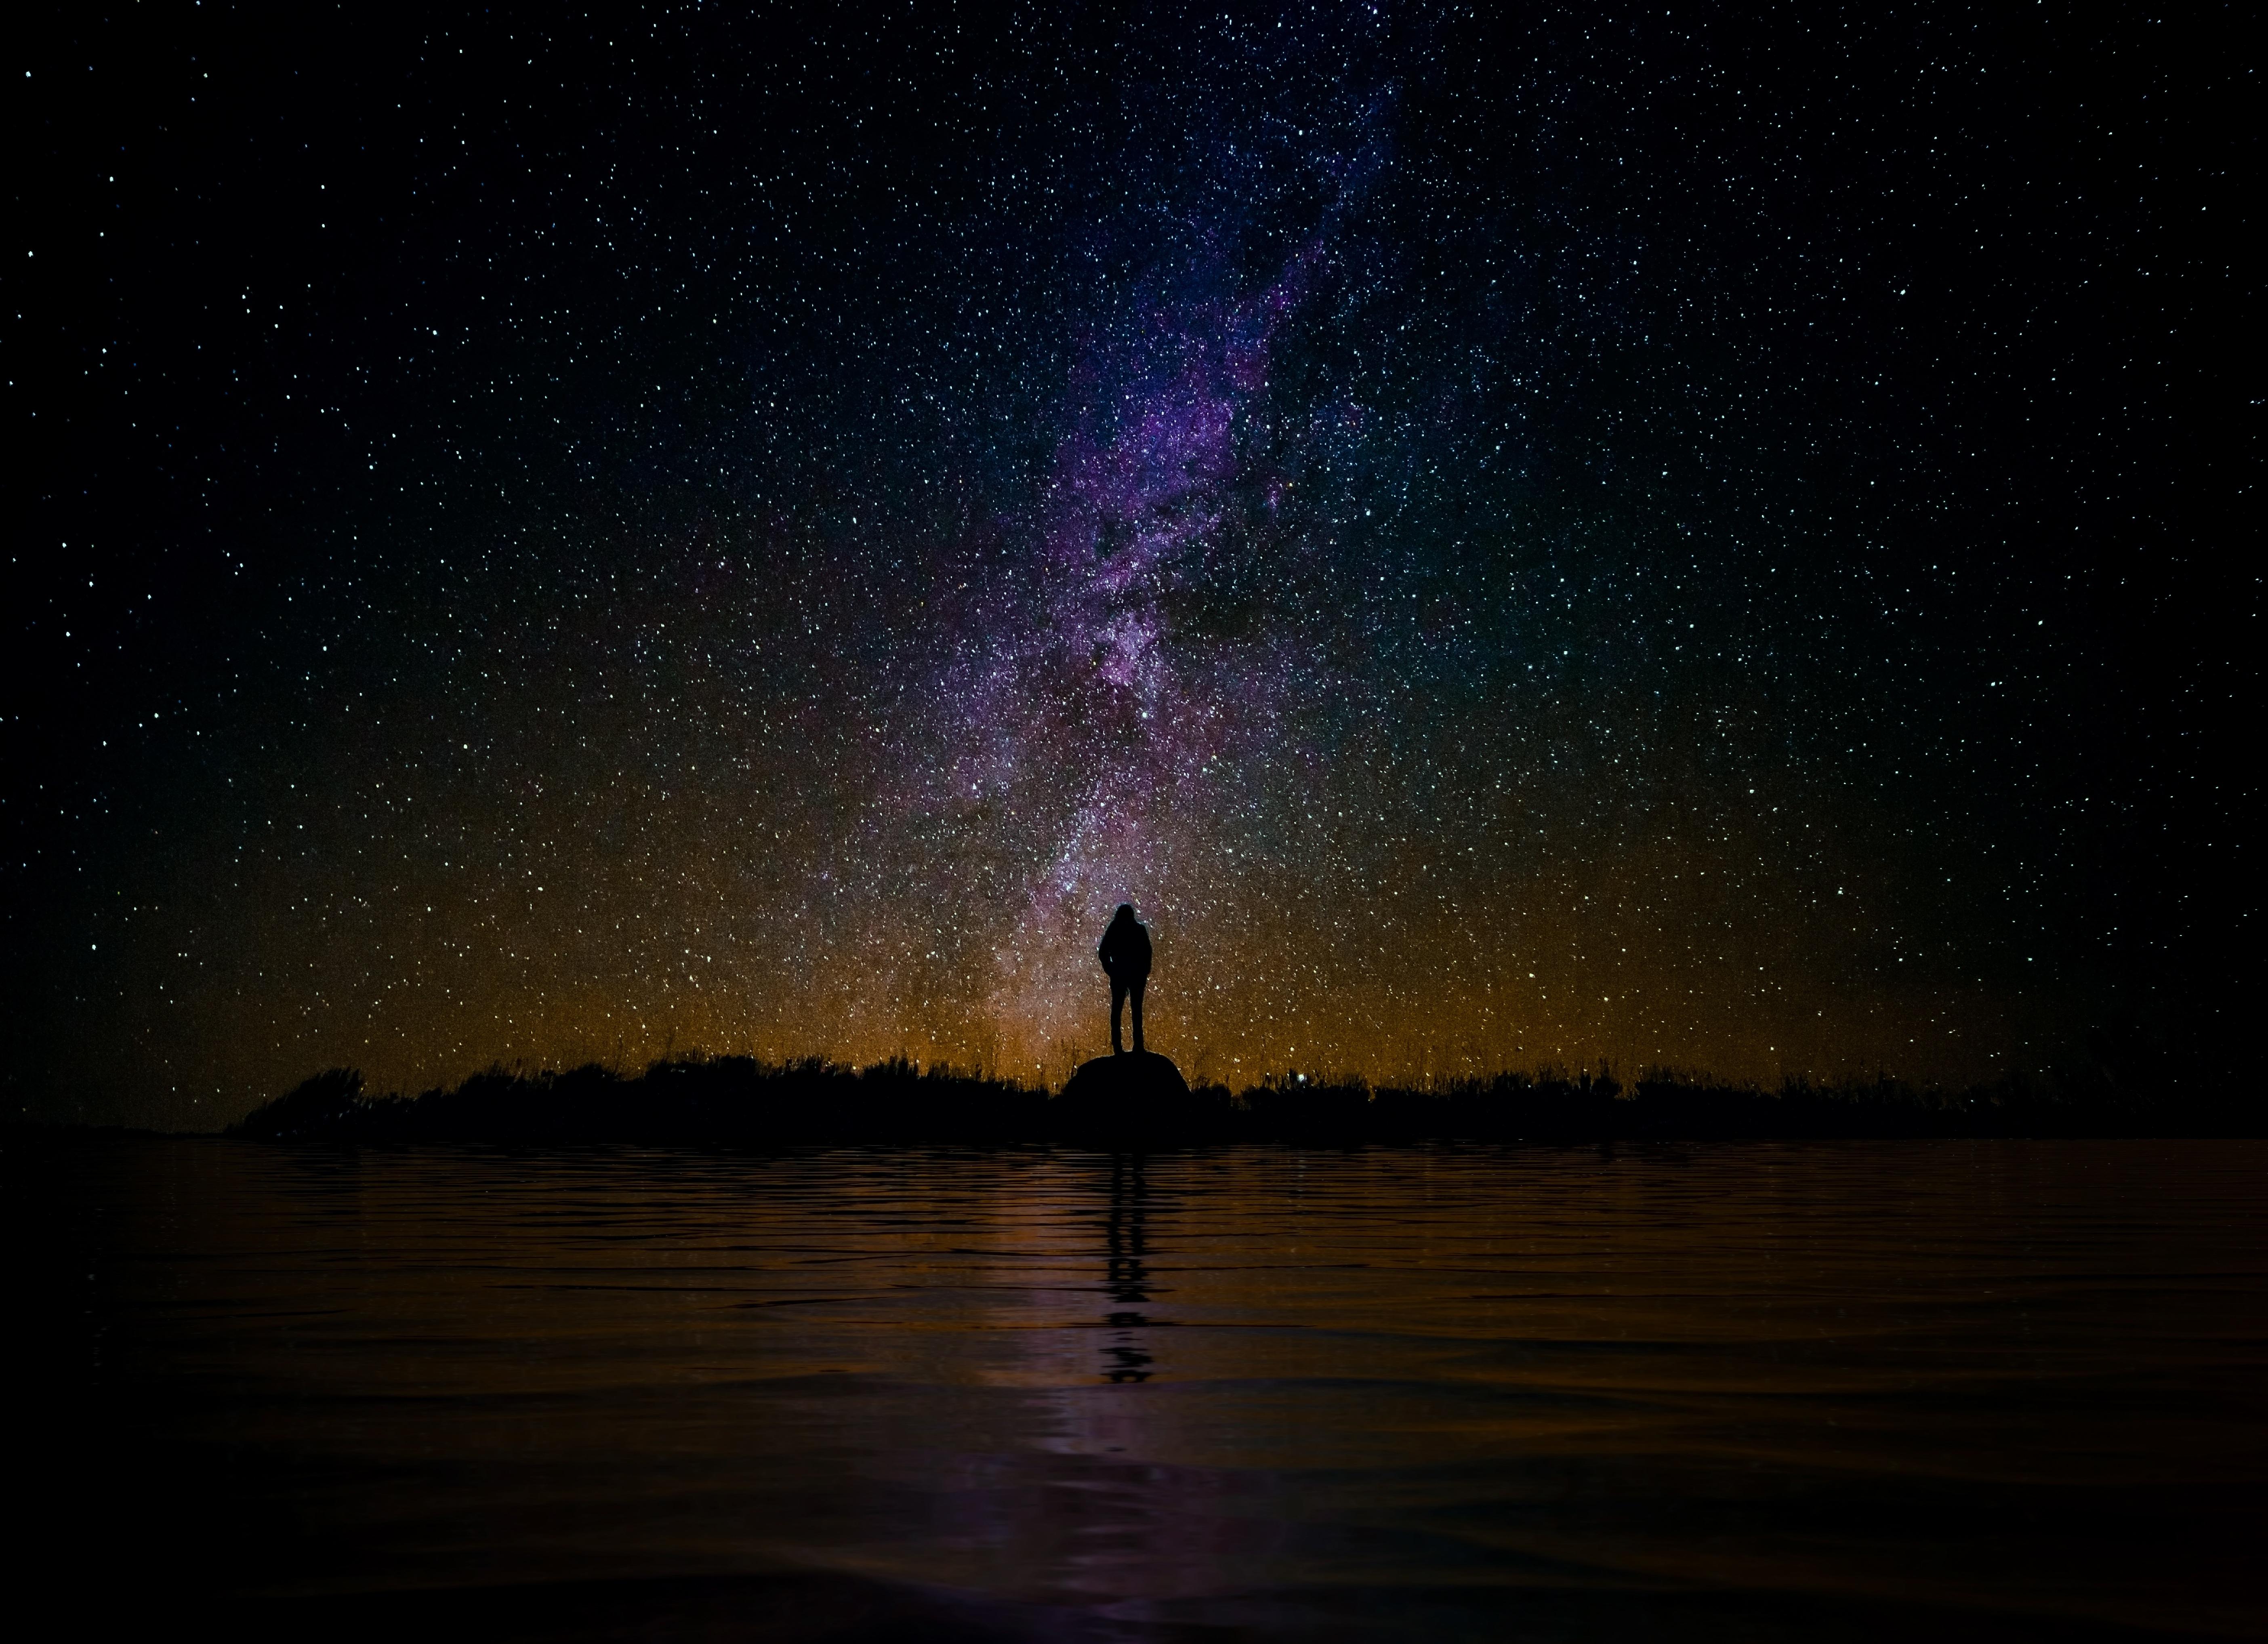 61715 скачать обои Темные, Силуэт, Звездное Небо, Ночь, Отражение, Одиночество, Уединение - заставки и картинки бесплатно